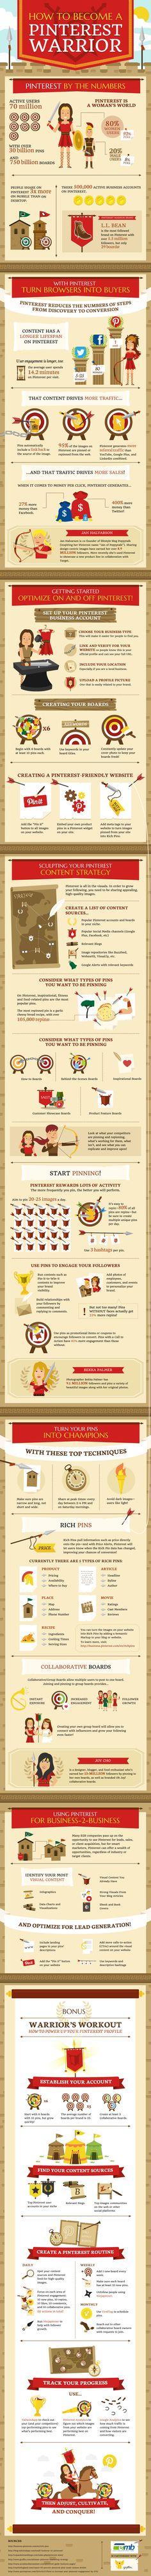 Infográfico PINTEREST. Para consultoria em Redes Sociais acesse: http://www.nrweb.com.br/consultoriaderedessociais/